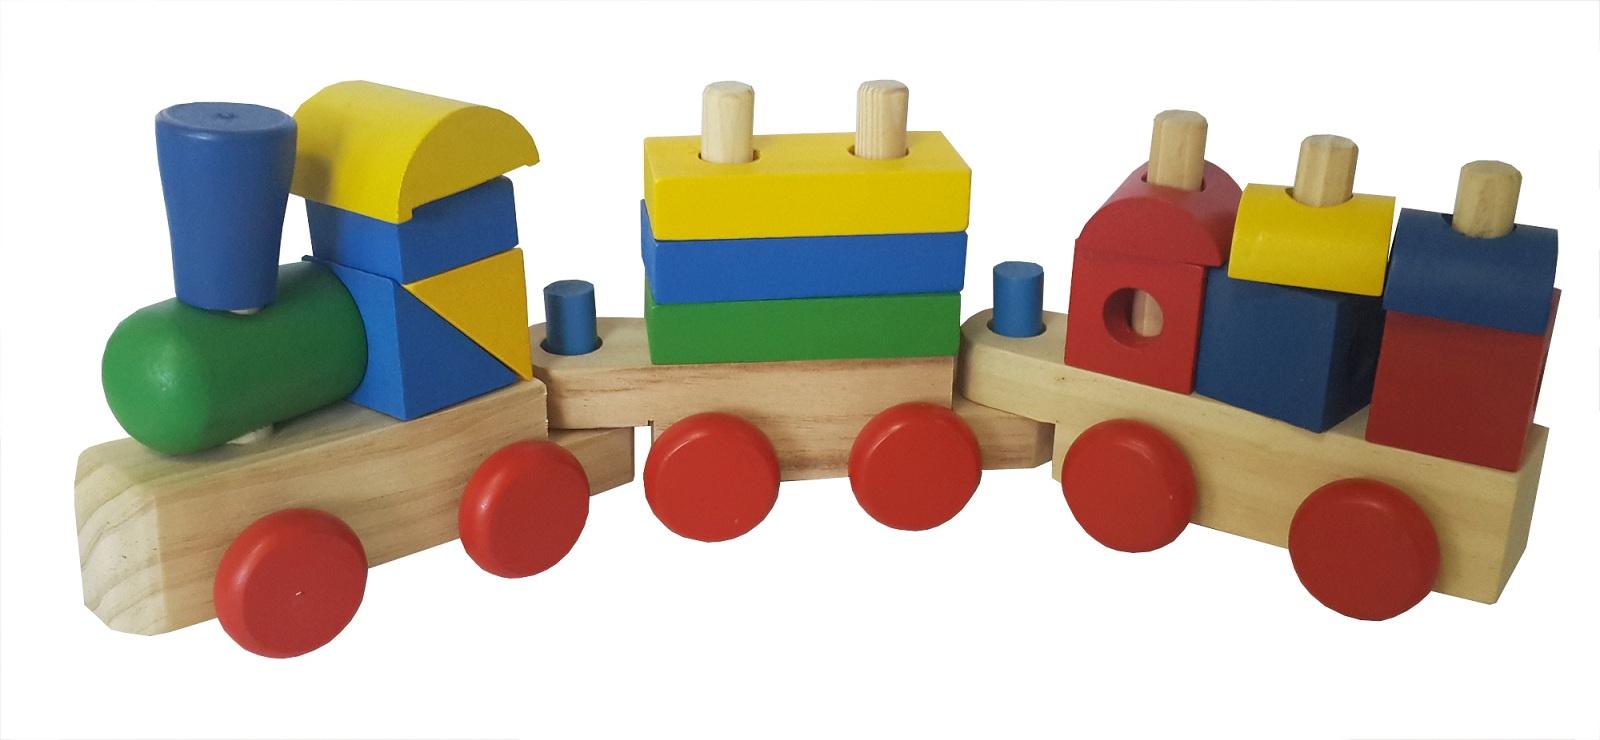 Деревянный конструктор Развивающие игрушки из дерева (РИД)